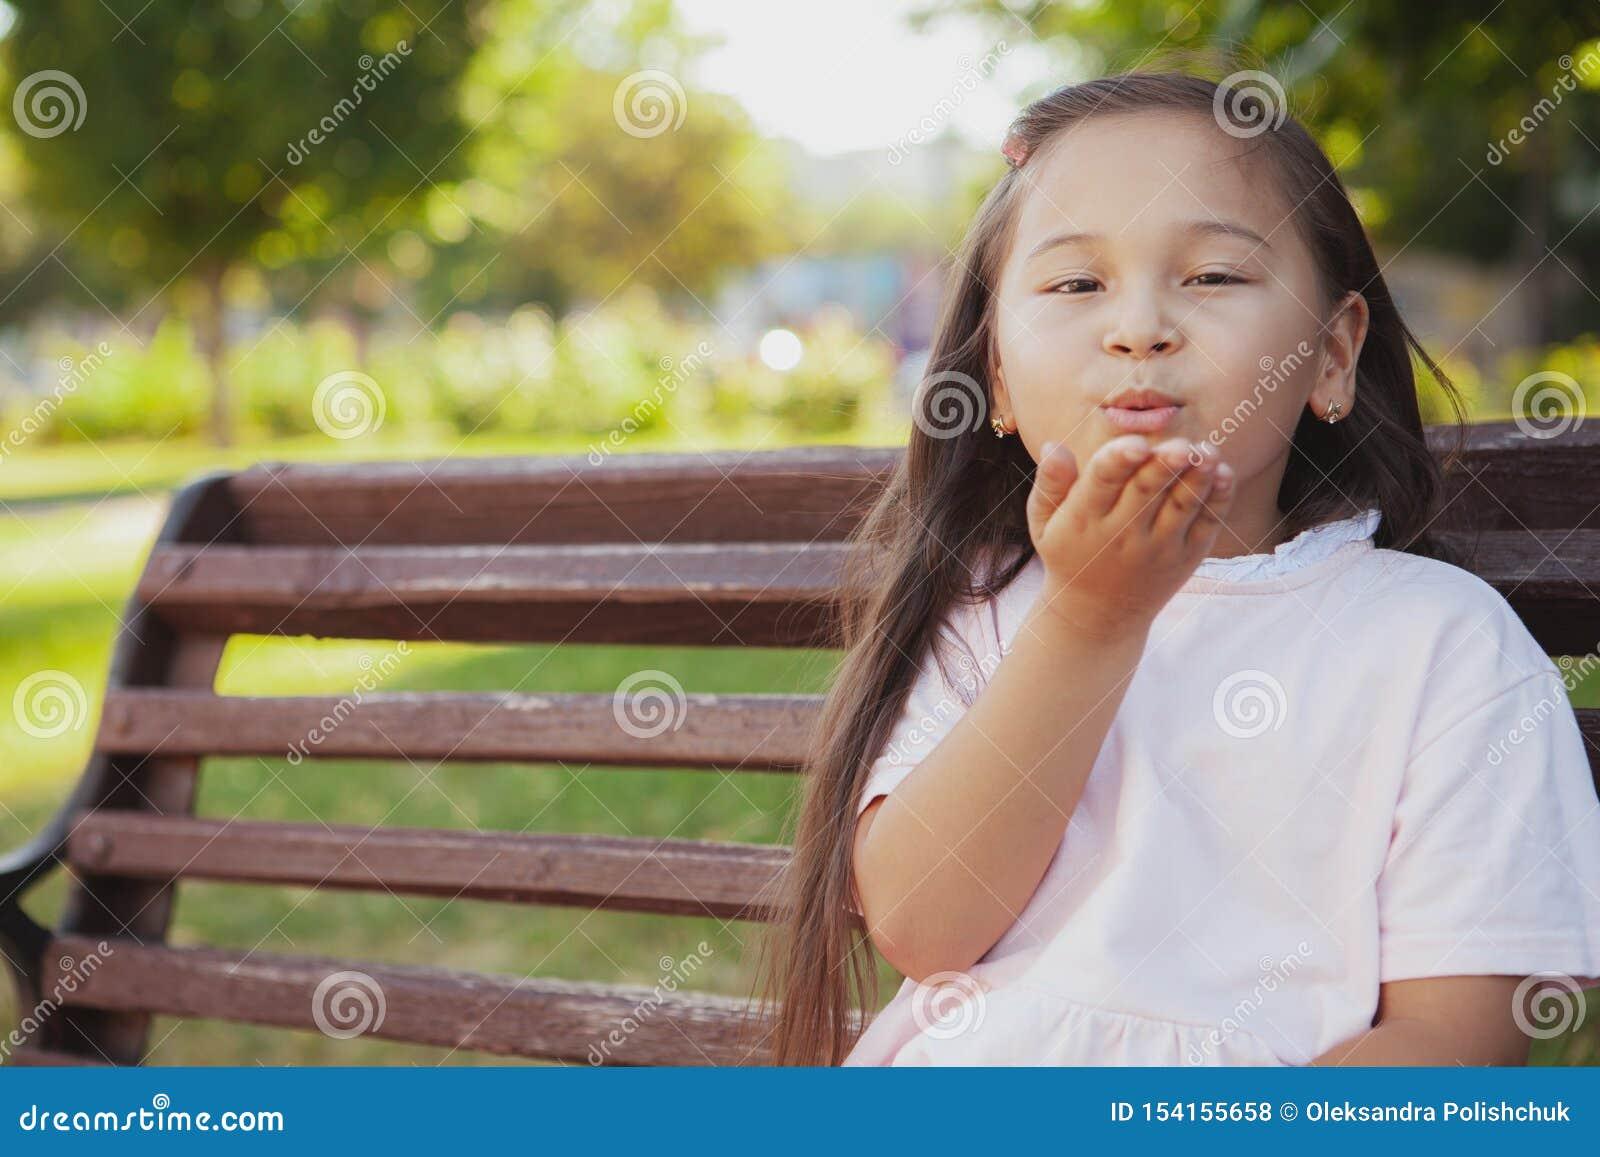 Menina asiática pequena bonita no parque em um dia de verão